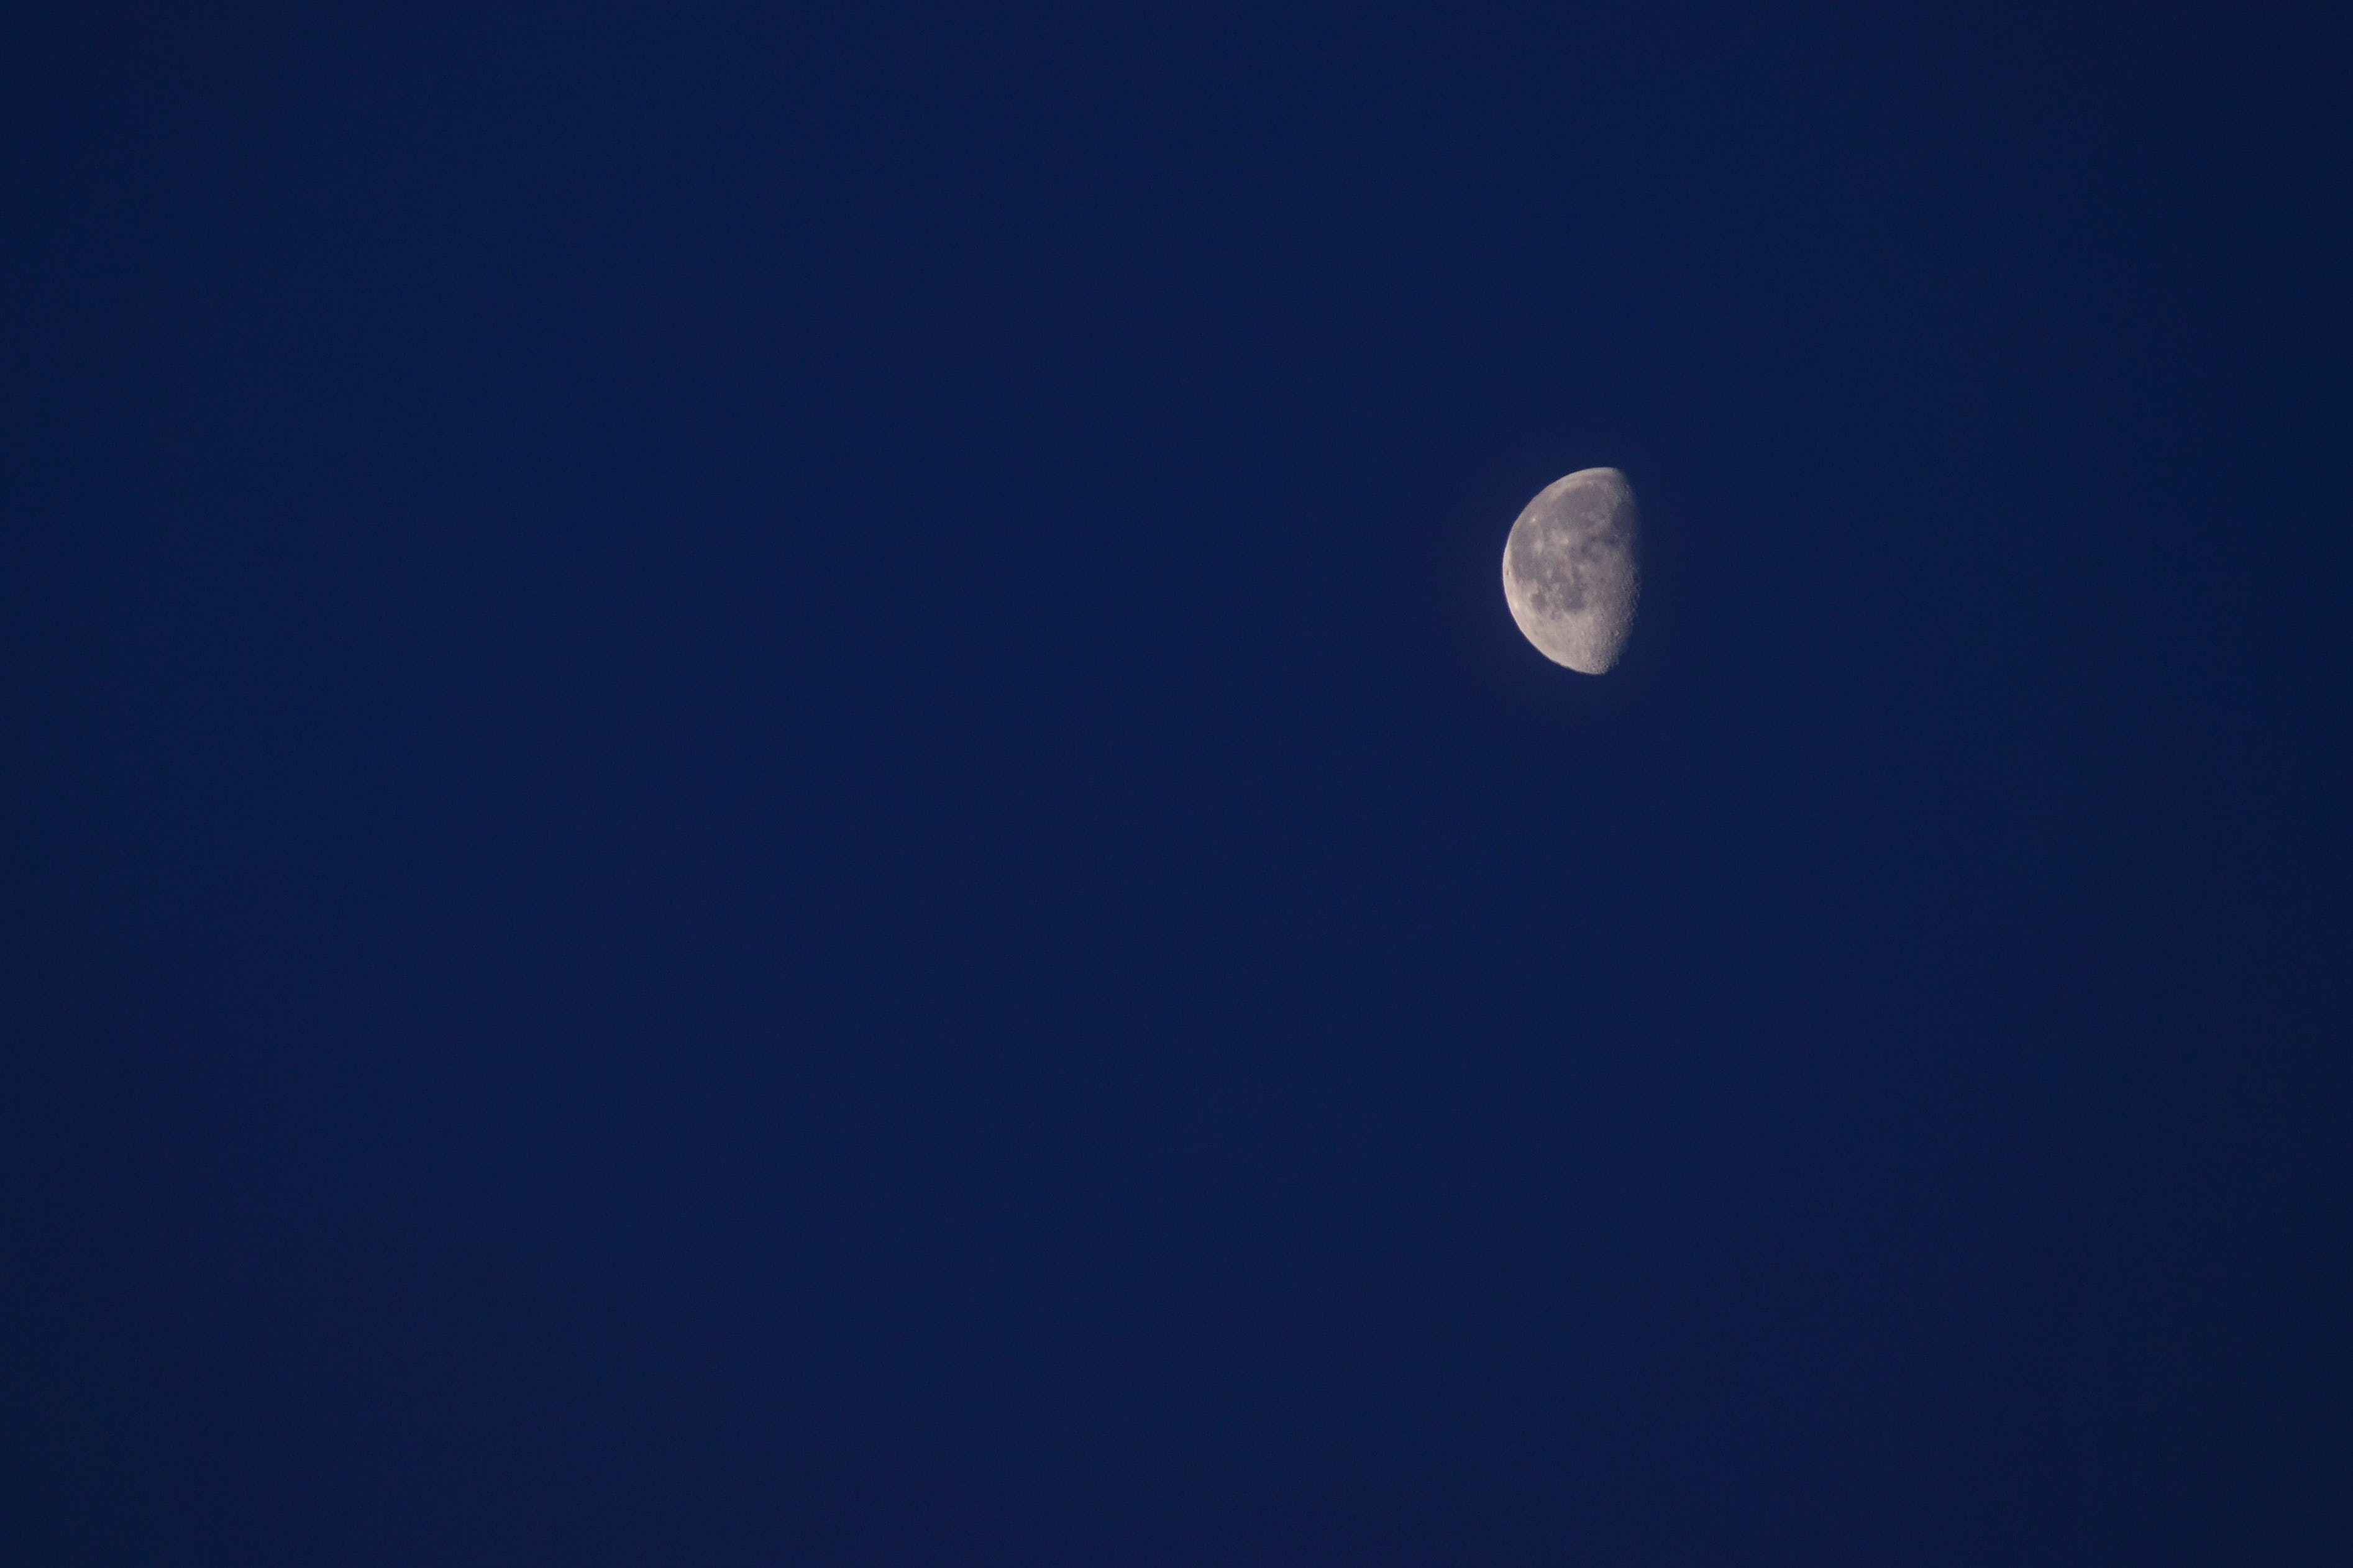 天文學, 晚上, 月亮, 月光 的 免費圖庫相片